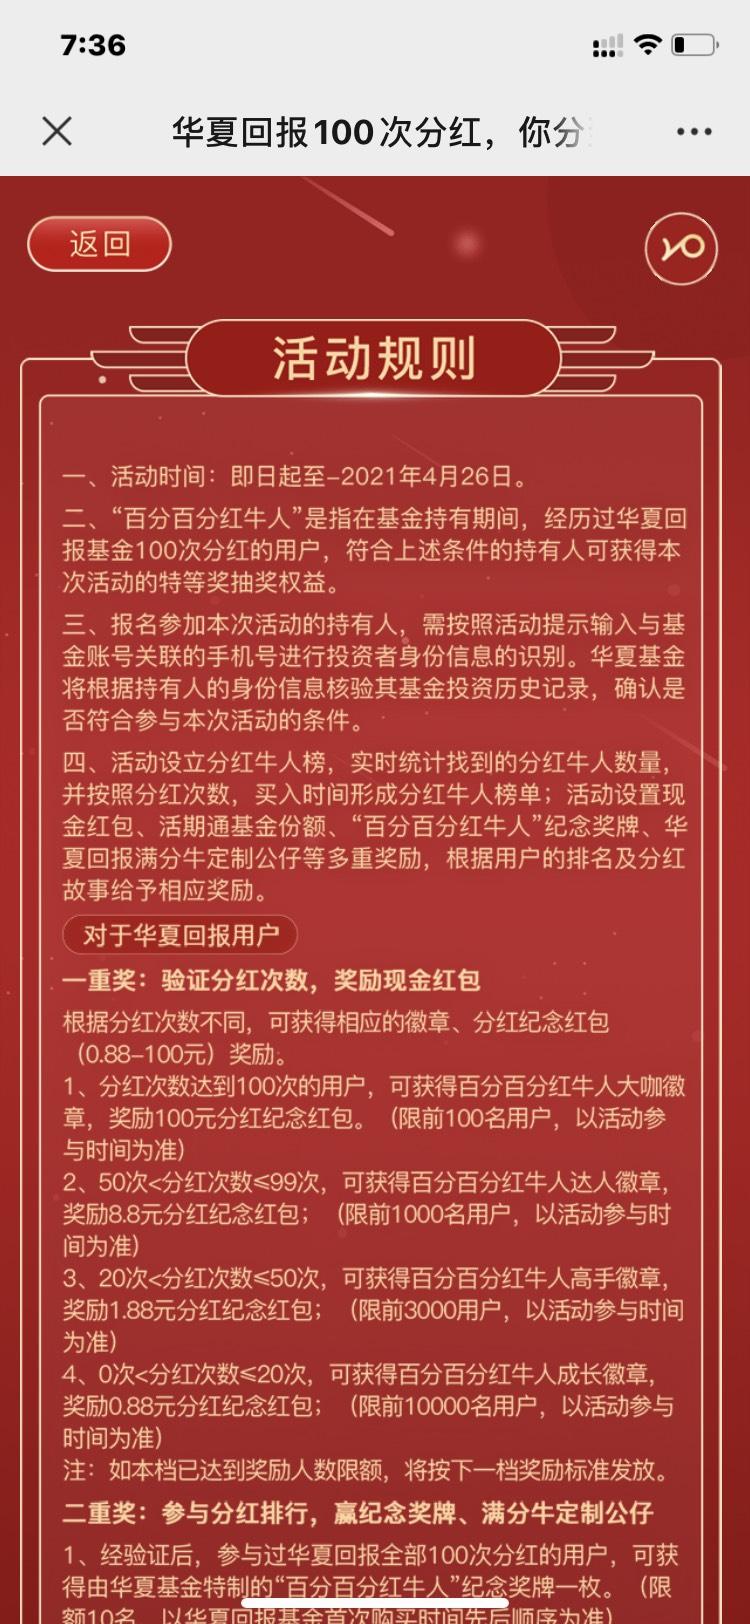 华夏基金分红红包